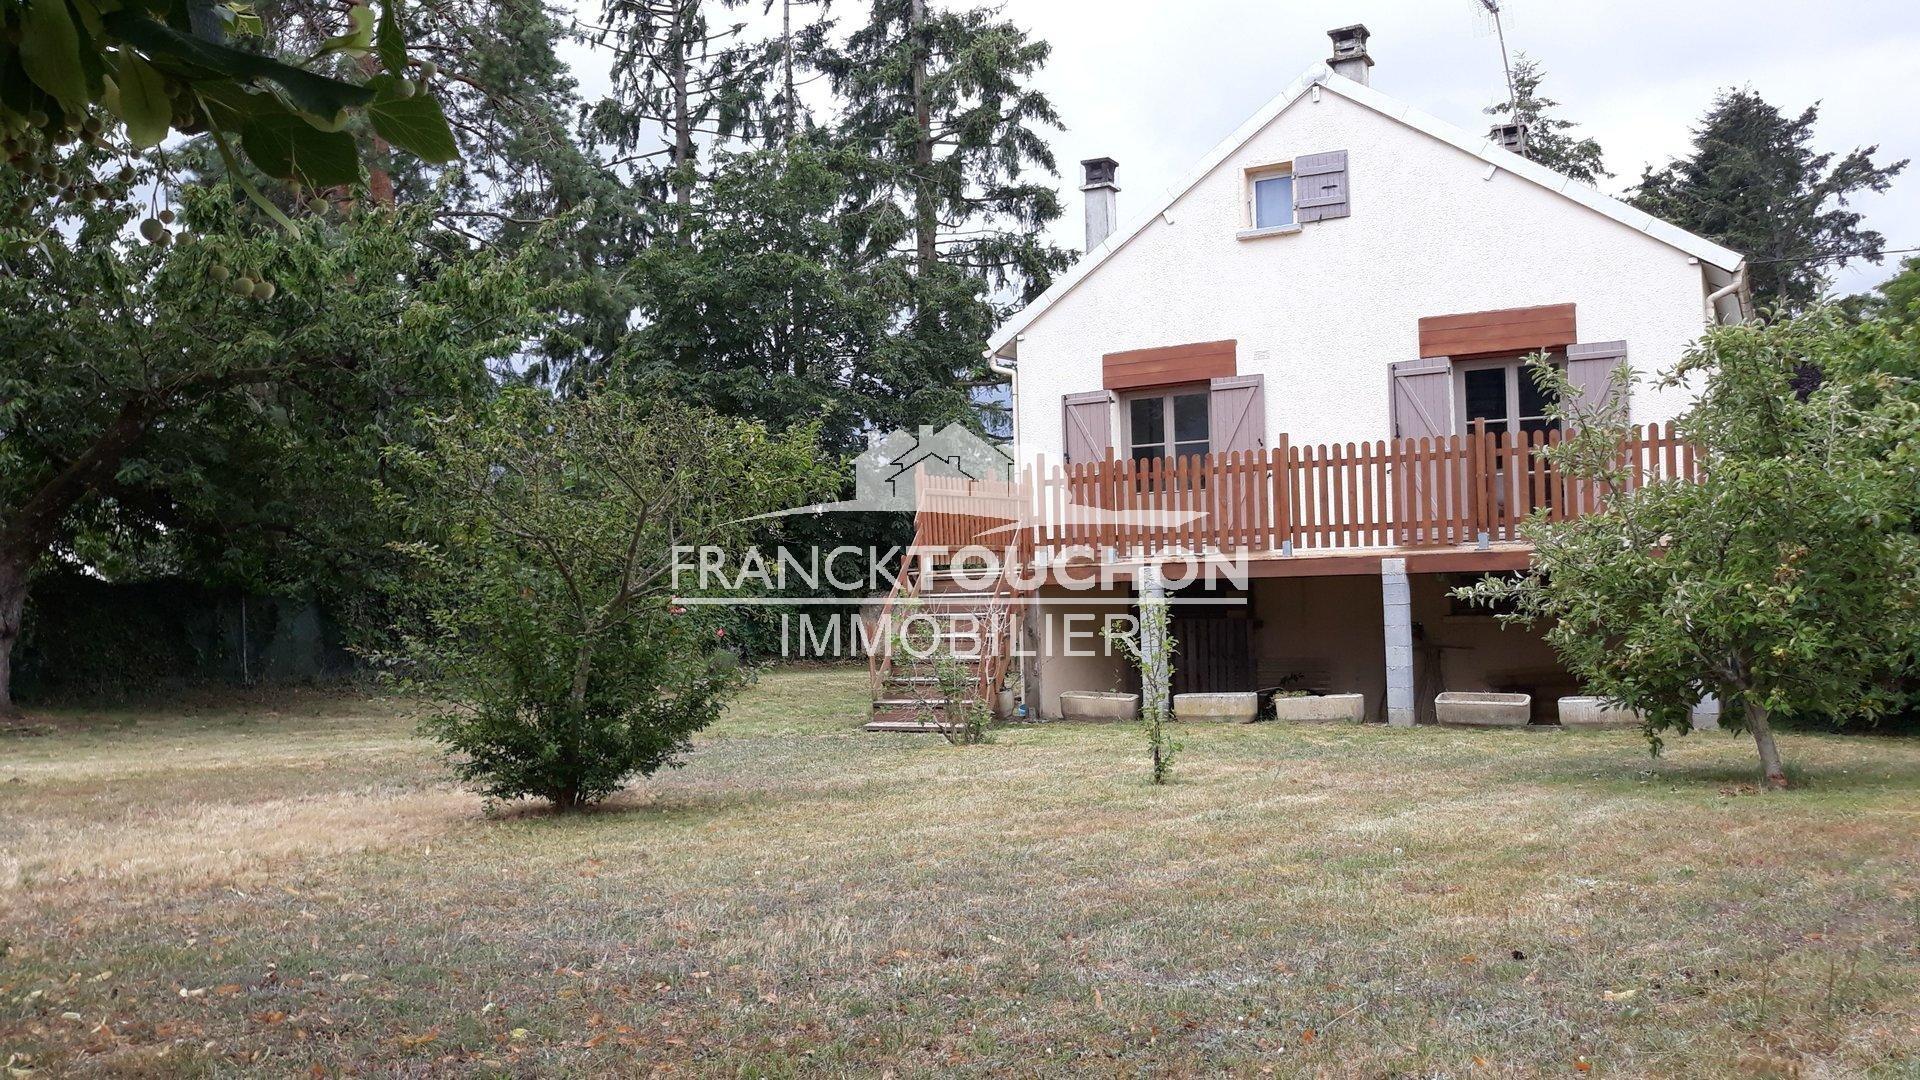 PAVILLON - FERRIERES (45210) - 1027 m² terrain à 5 min de toutes les commodités